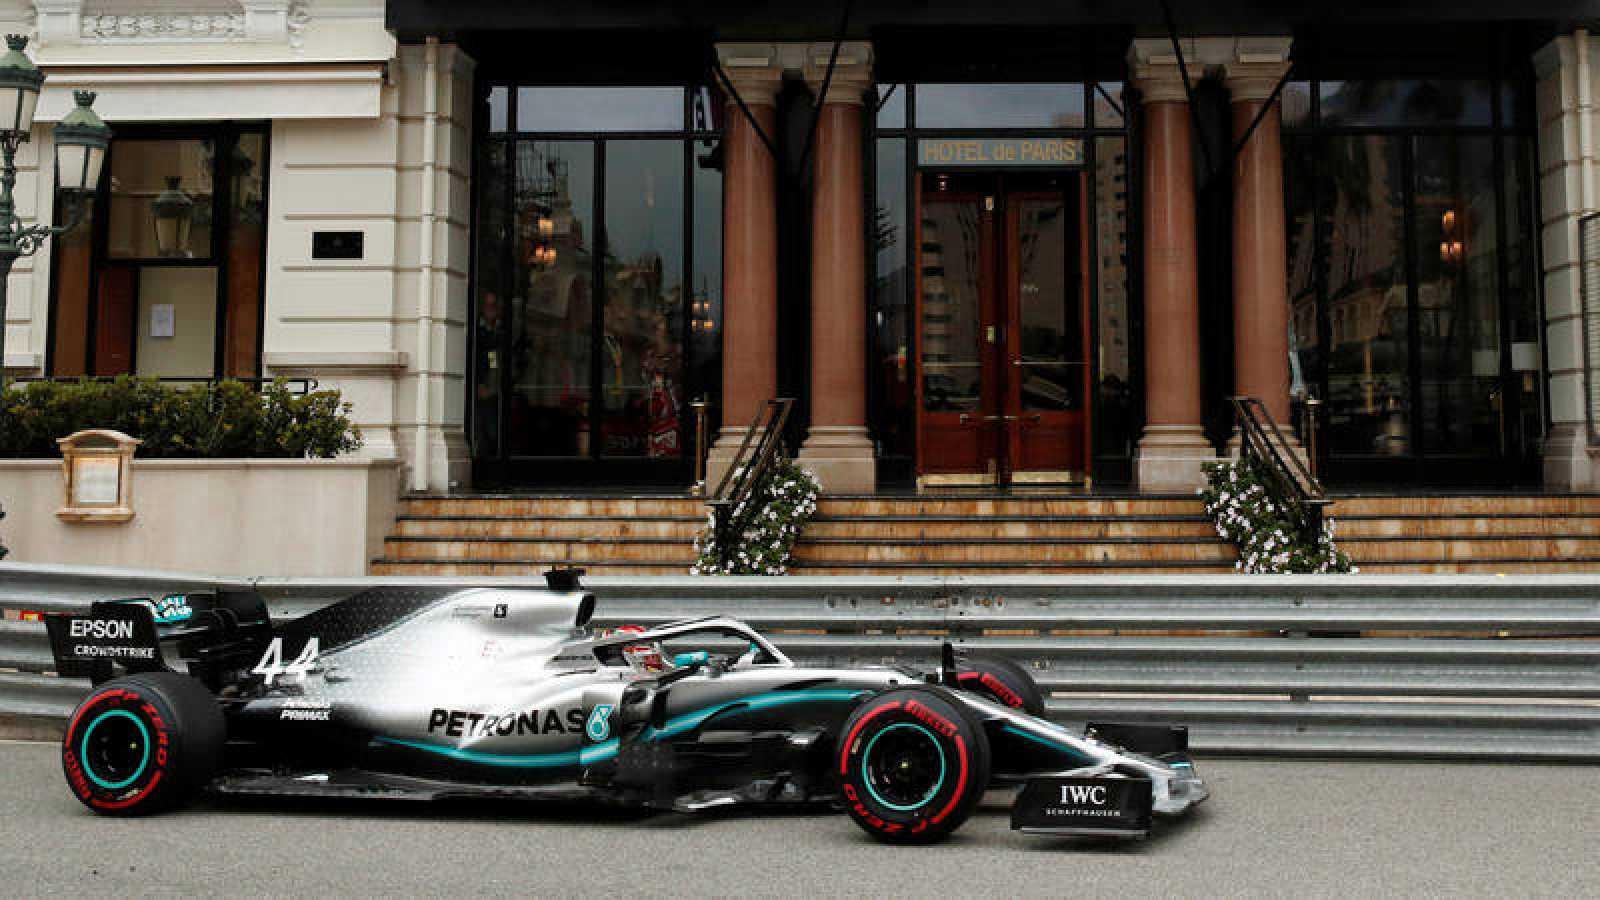 El Mercedes de Lewis Hamilton pasa frente a la puerta del Hotel de París de Mónaco.